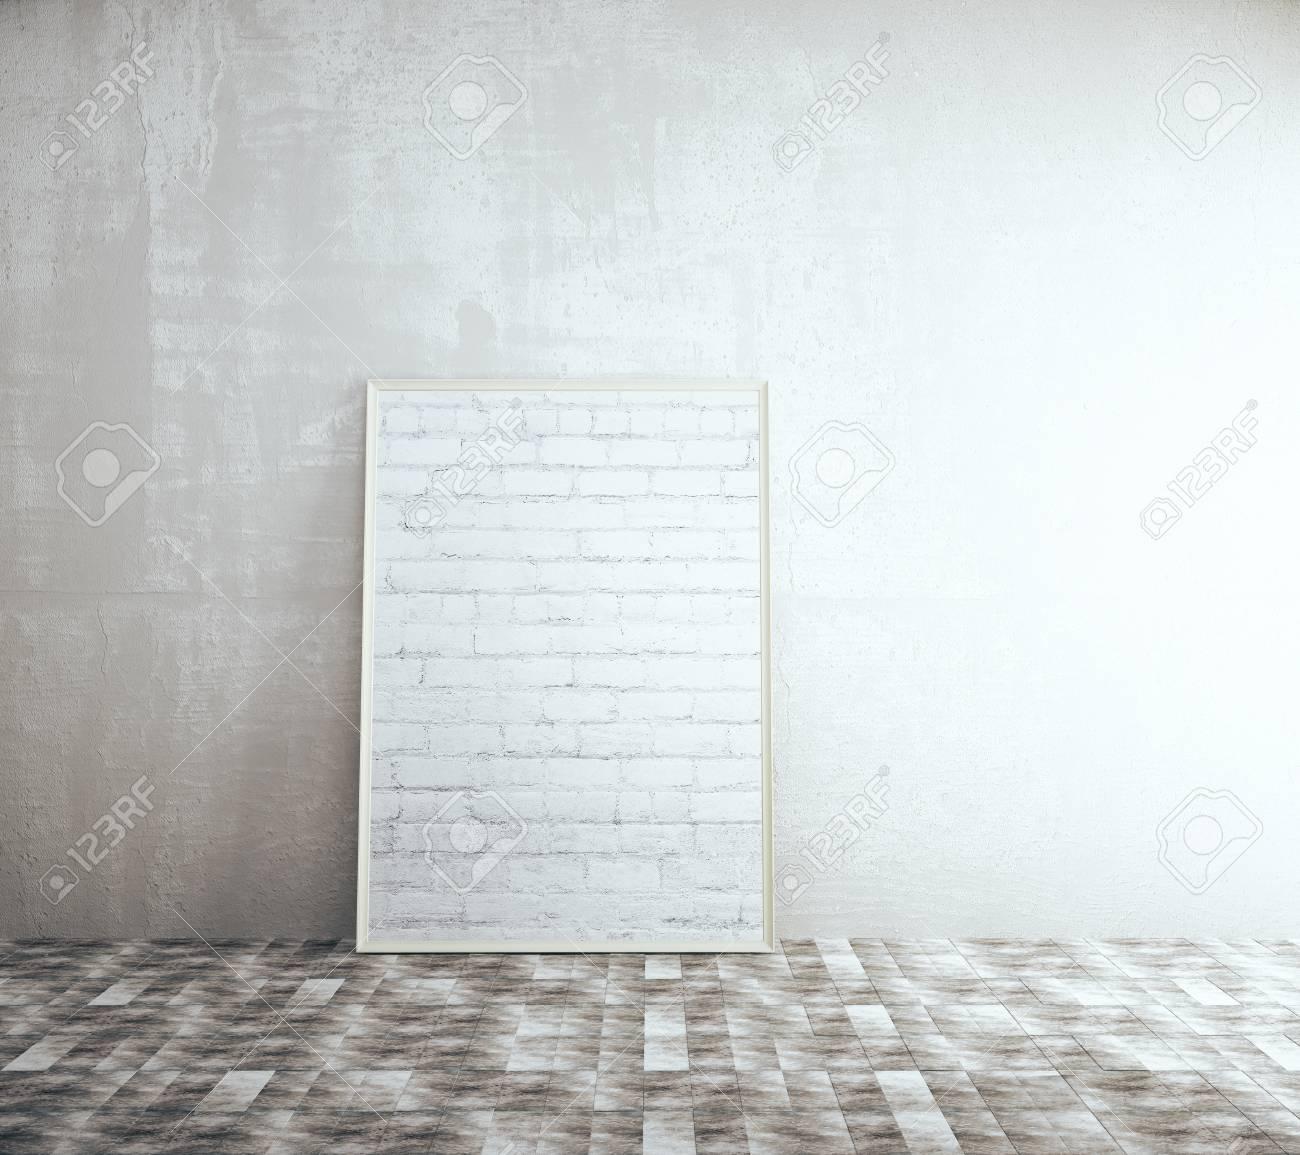 Marco En Blanco De Ladrillo En El Interior Con Muro De Hormigón Y ...